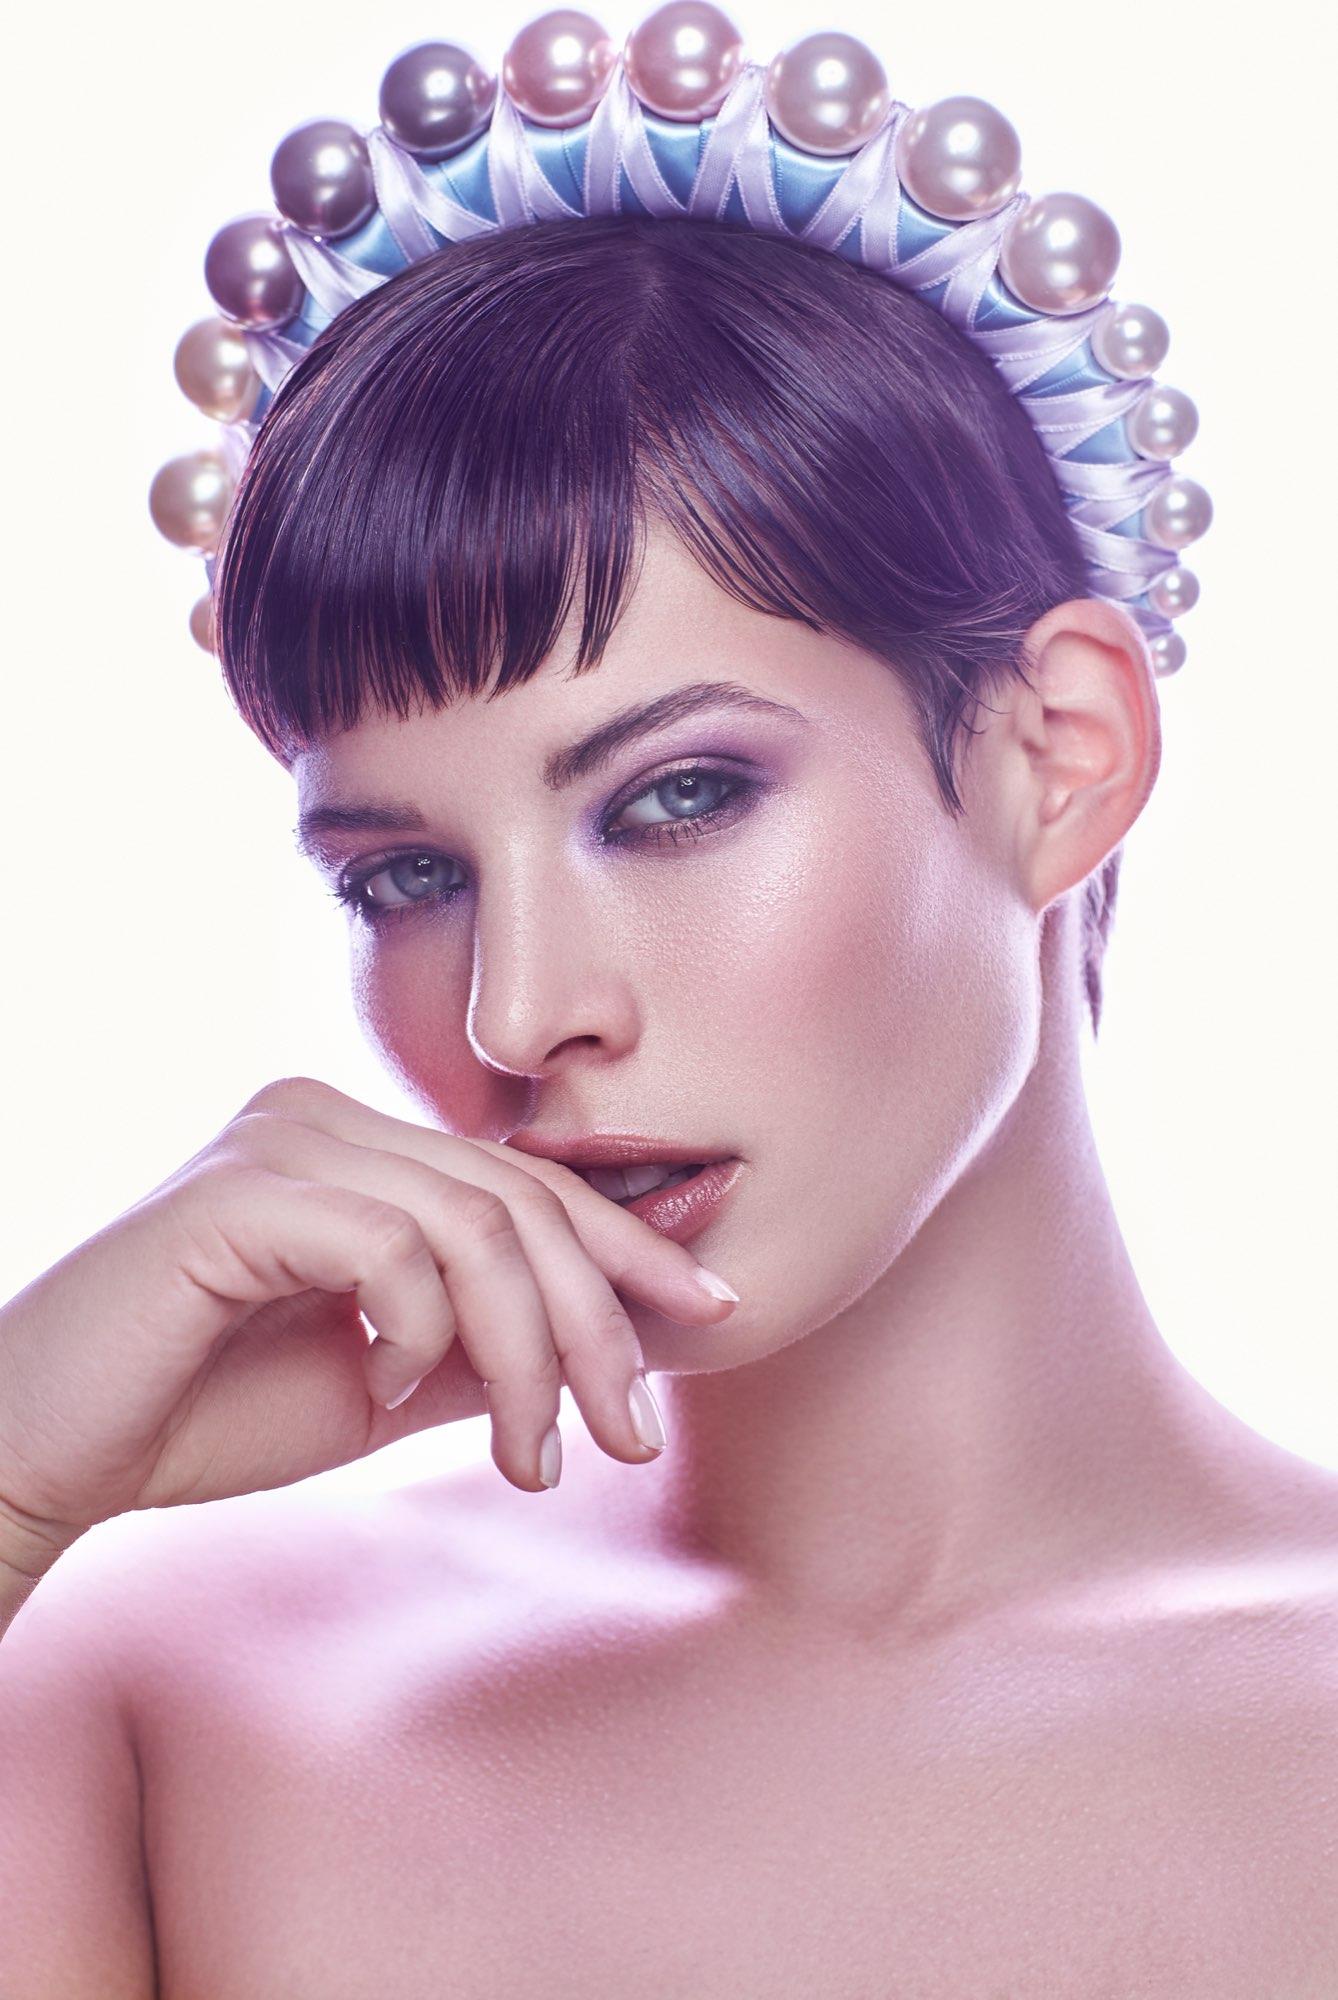 Bild zum Make up & Fashion Blog - neue-arbeit-von-jelena--ID14523-1.jpeg?v=1576075329